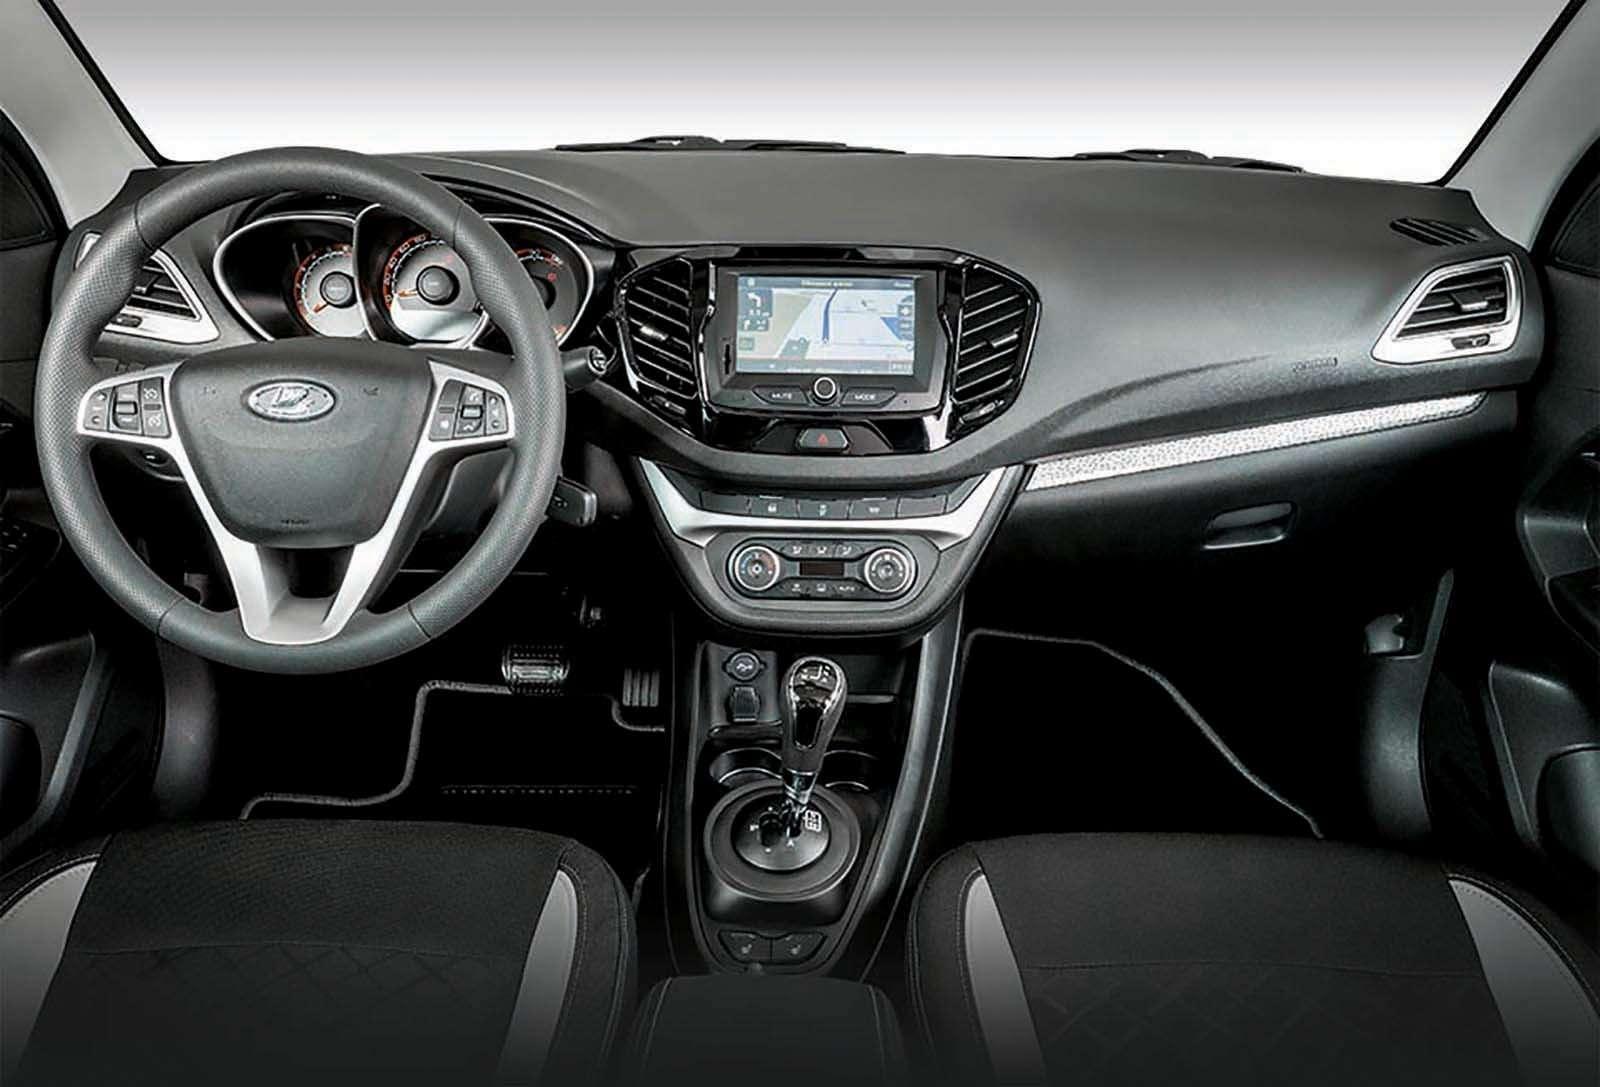 Представлена новая модель Lada. Иэто снова Cross— фото 863368